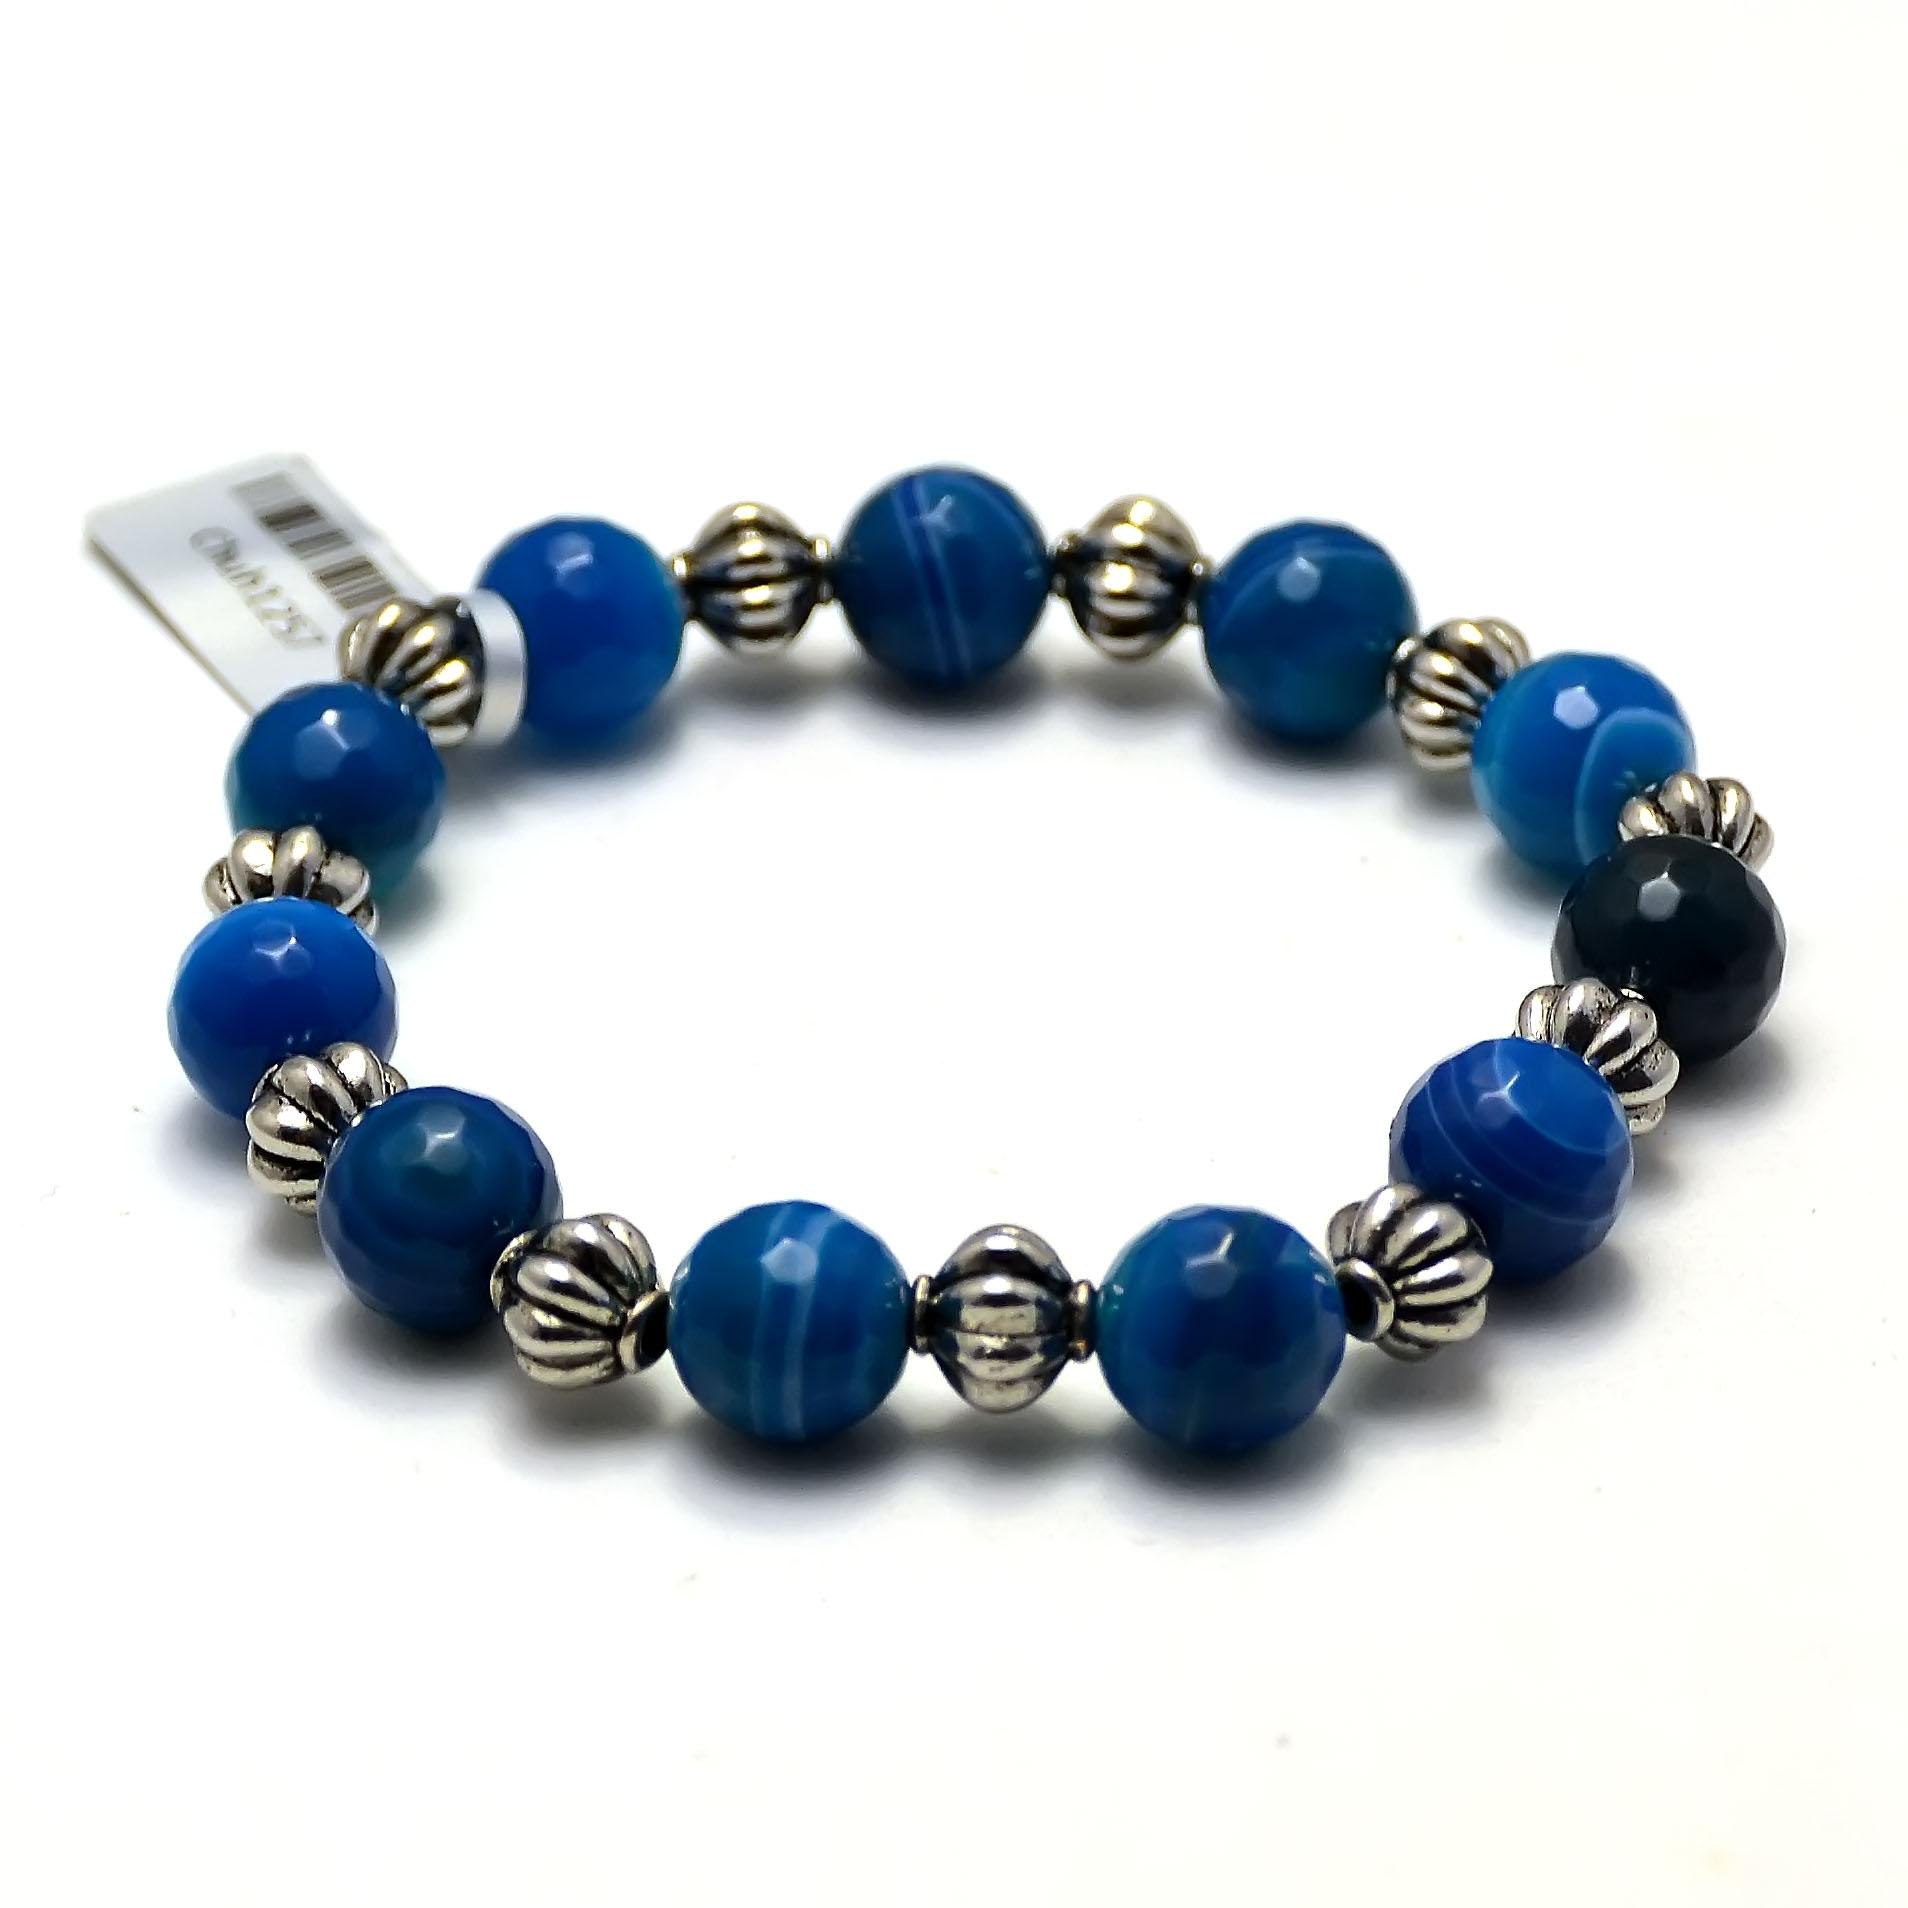 Bracelet agate teintée bleu ronde facettée 10 mm -métal argenté